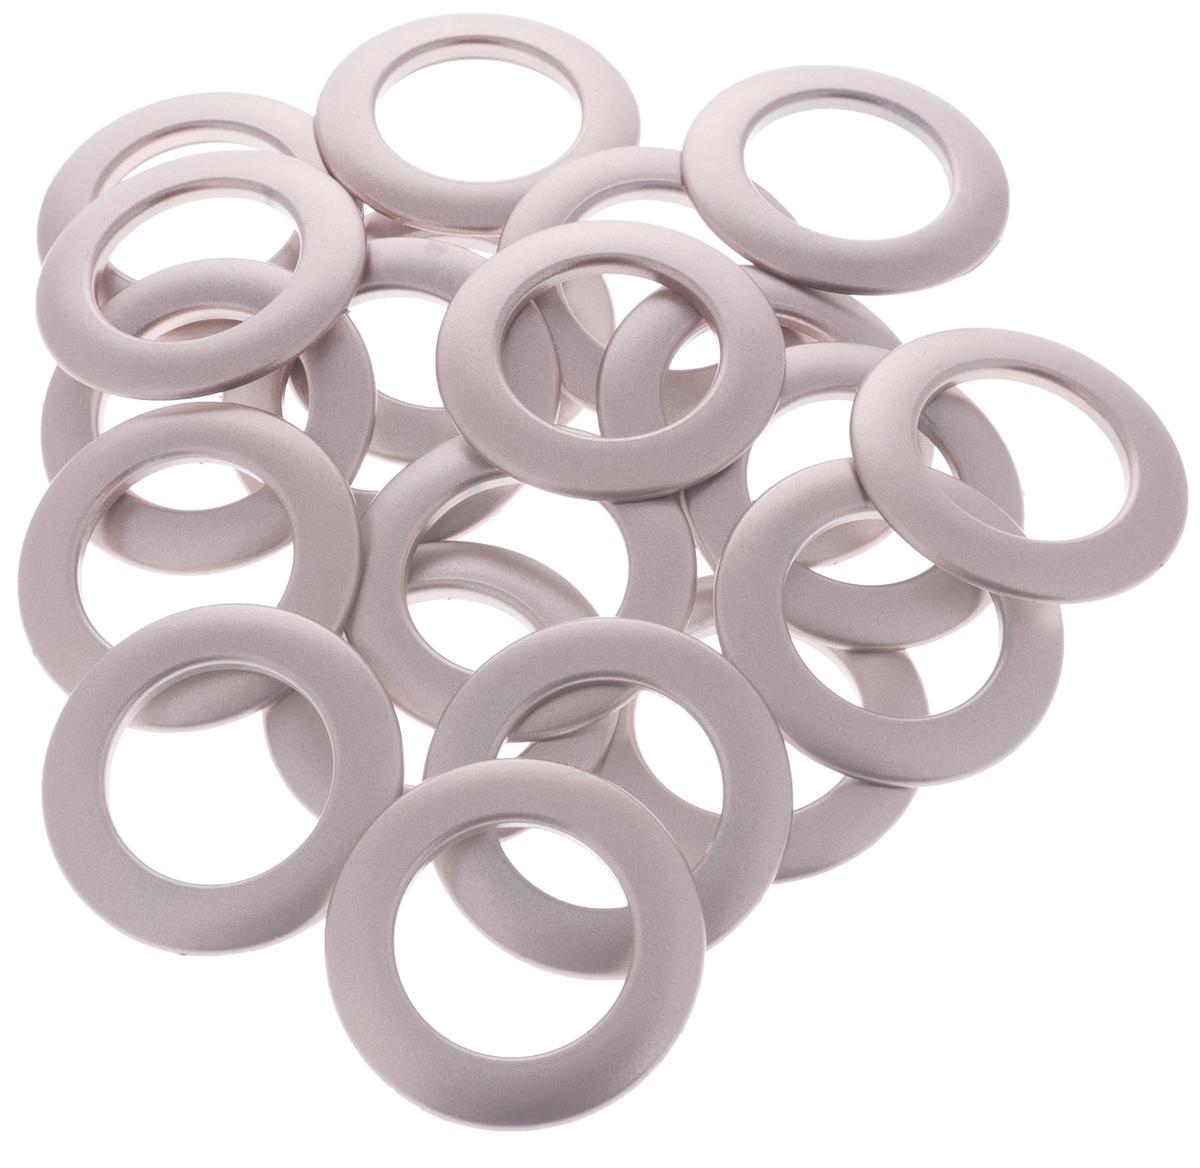 Набор люверсов Belladonna, цвет: розовый металлик, диаметр 35 мм, 10 шт бюстгальтер patti belladonna белый 80c ru